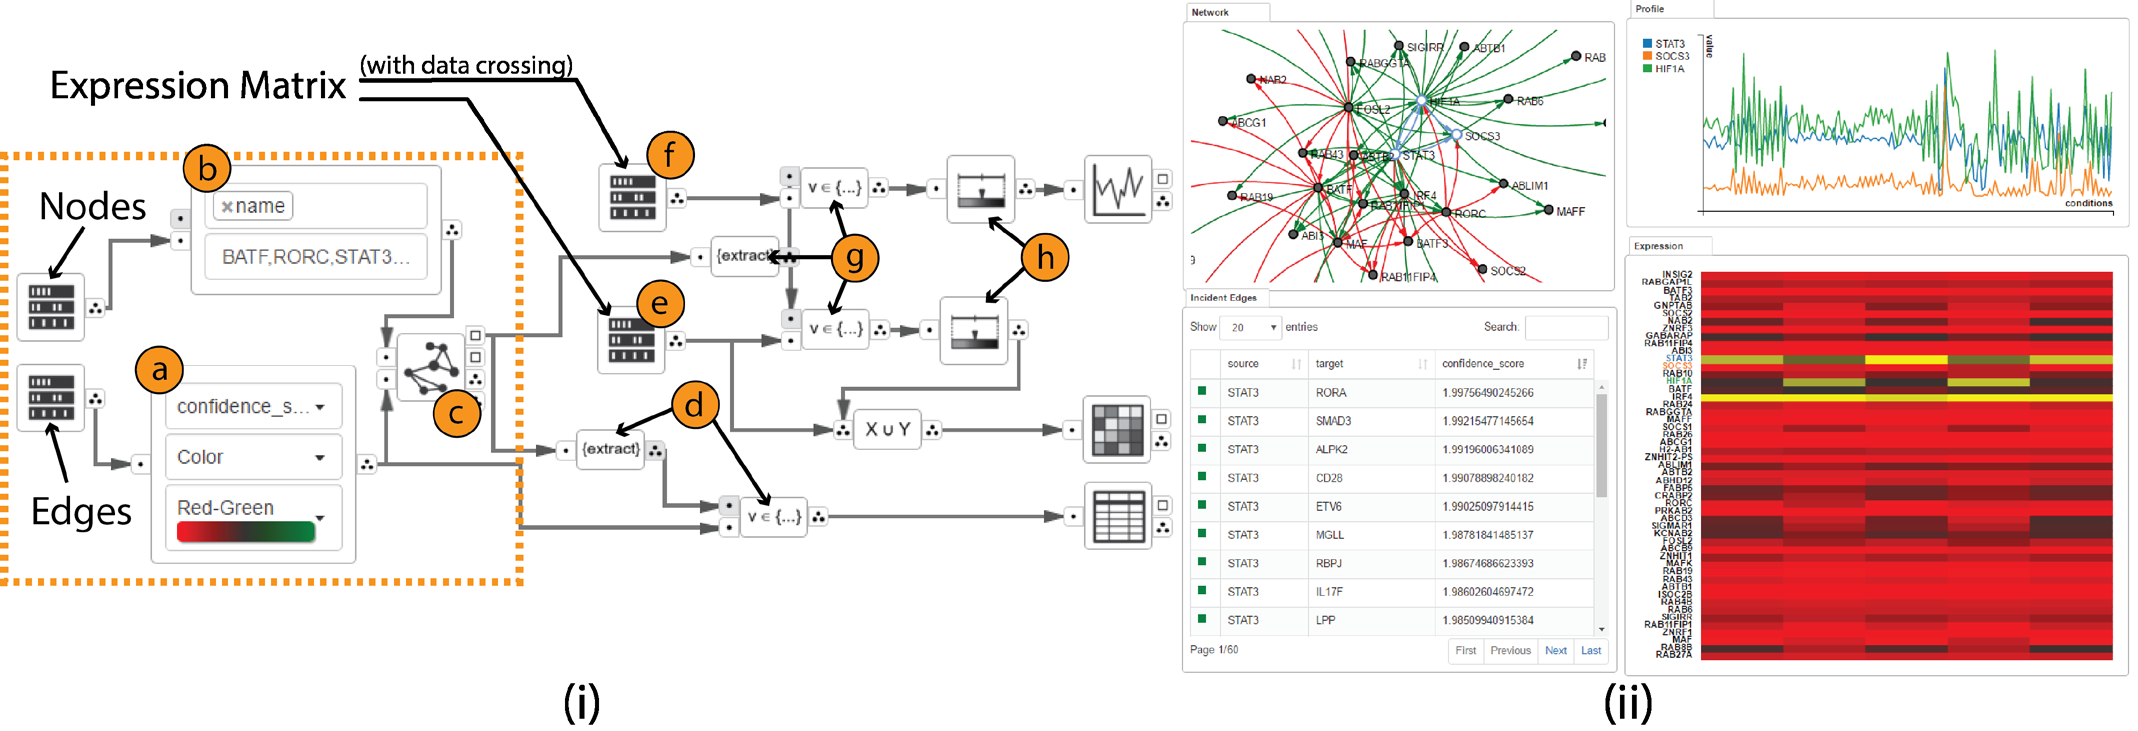 基因调控网络分析图